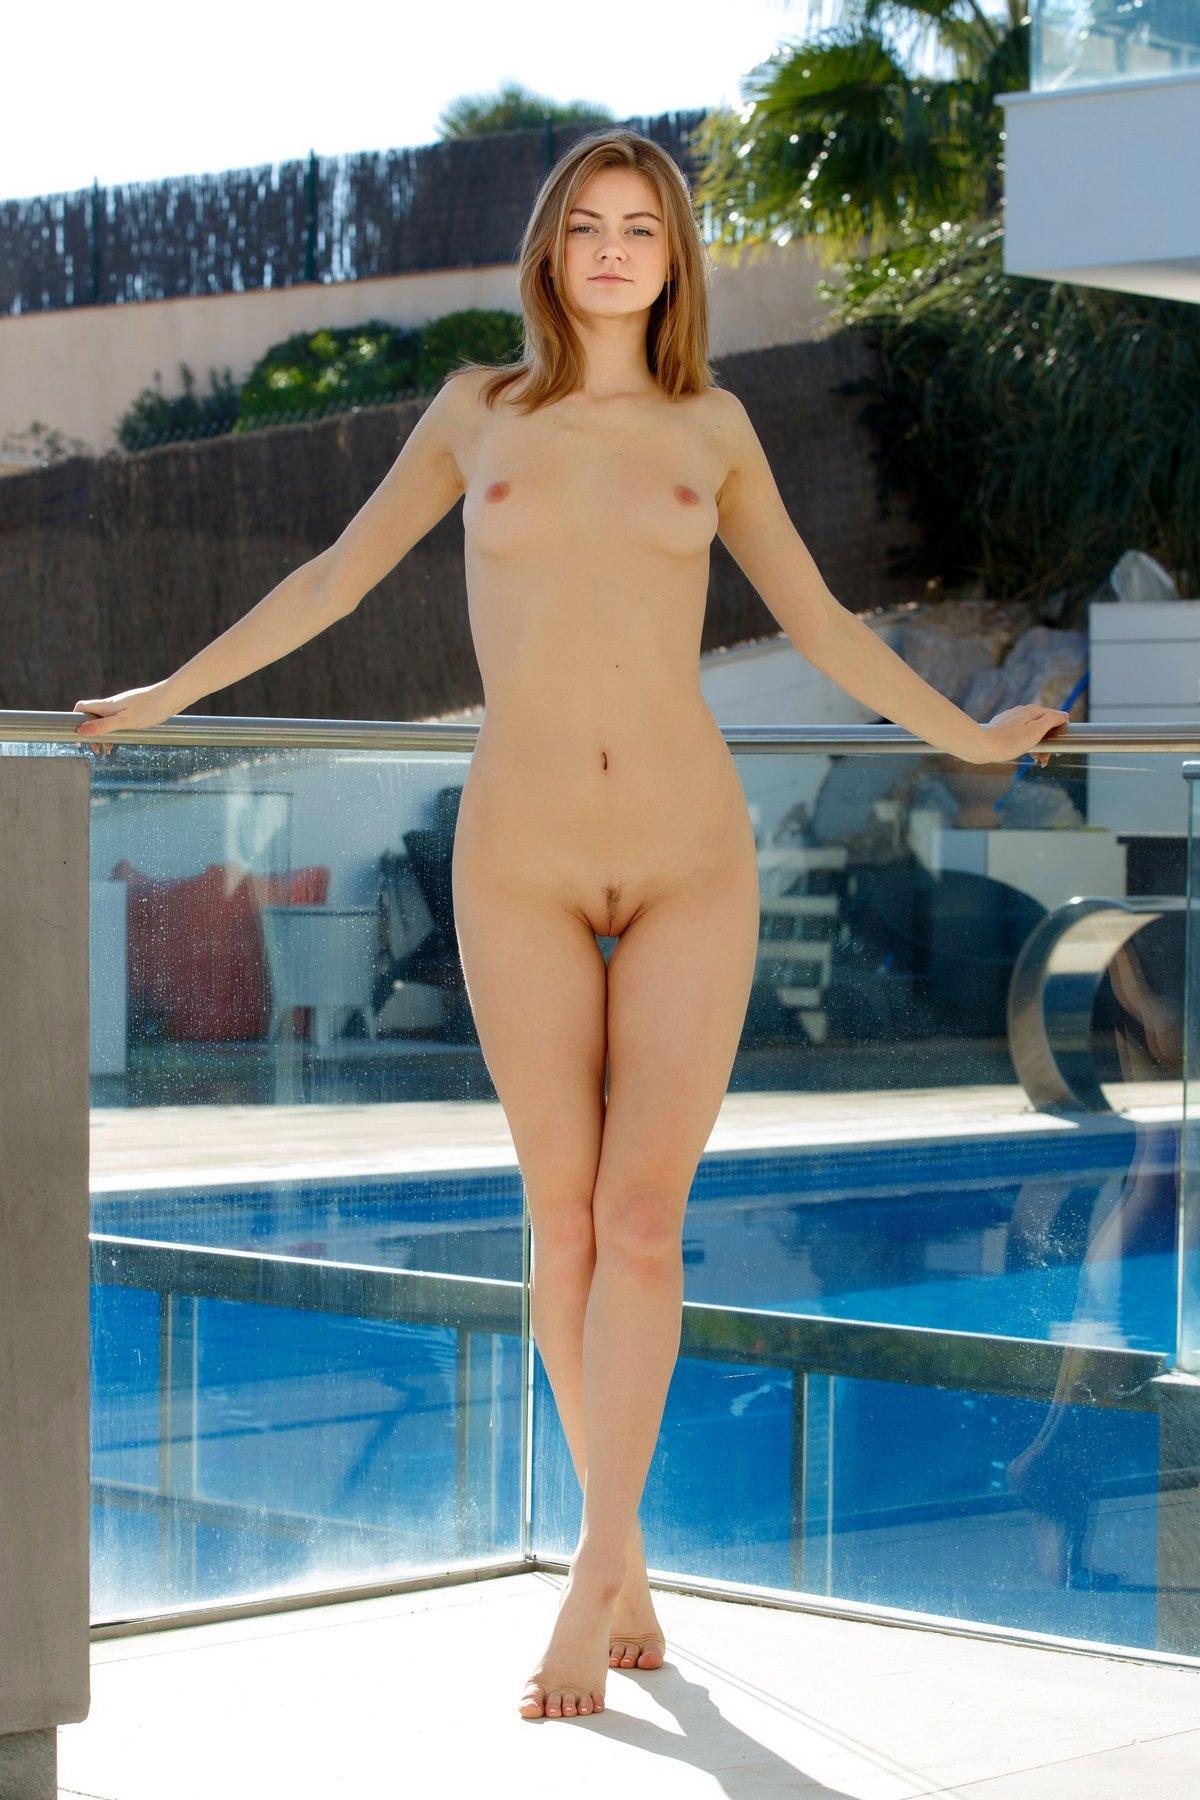 Молодая голая девушка на балконе